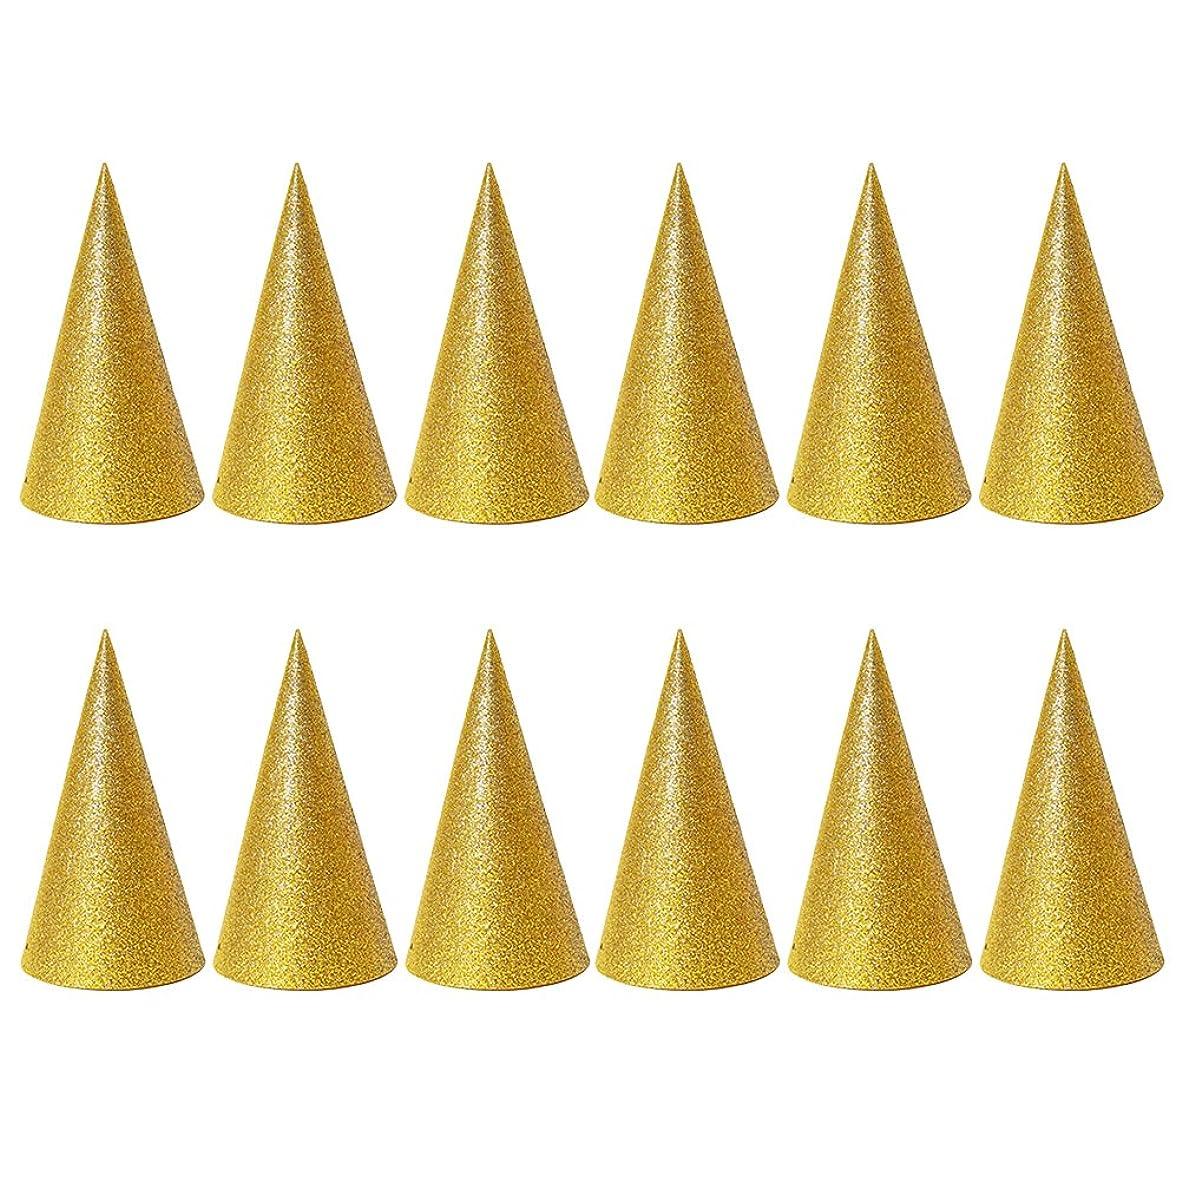 軸剥ぎ取る私達SUPVOX 子供と大人のパーティーのための12個のキラキラコーンパーティー帽子トライアングルバースデー帽子は装飾を飾ります(ゴールデン)